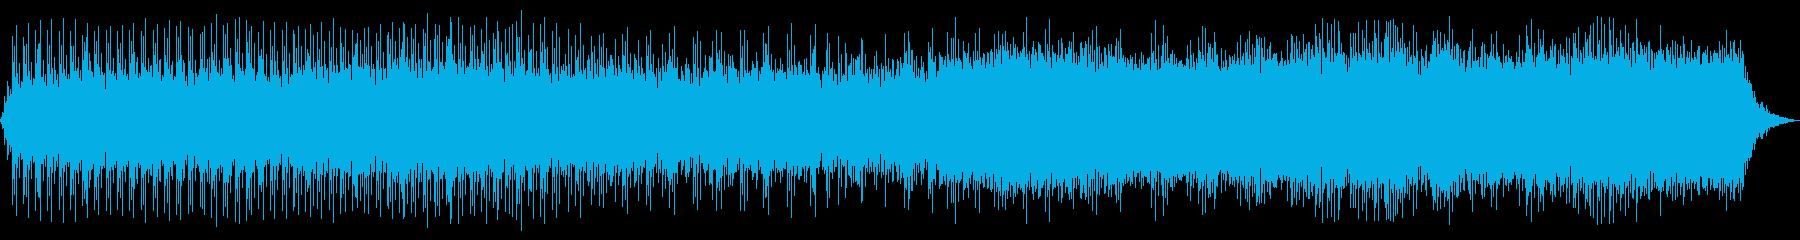 ダークかつミニマルなアシッドテクノの再生済みの波形